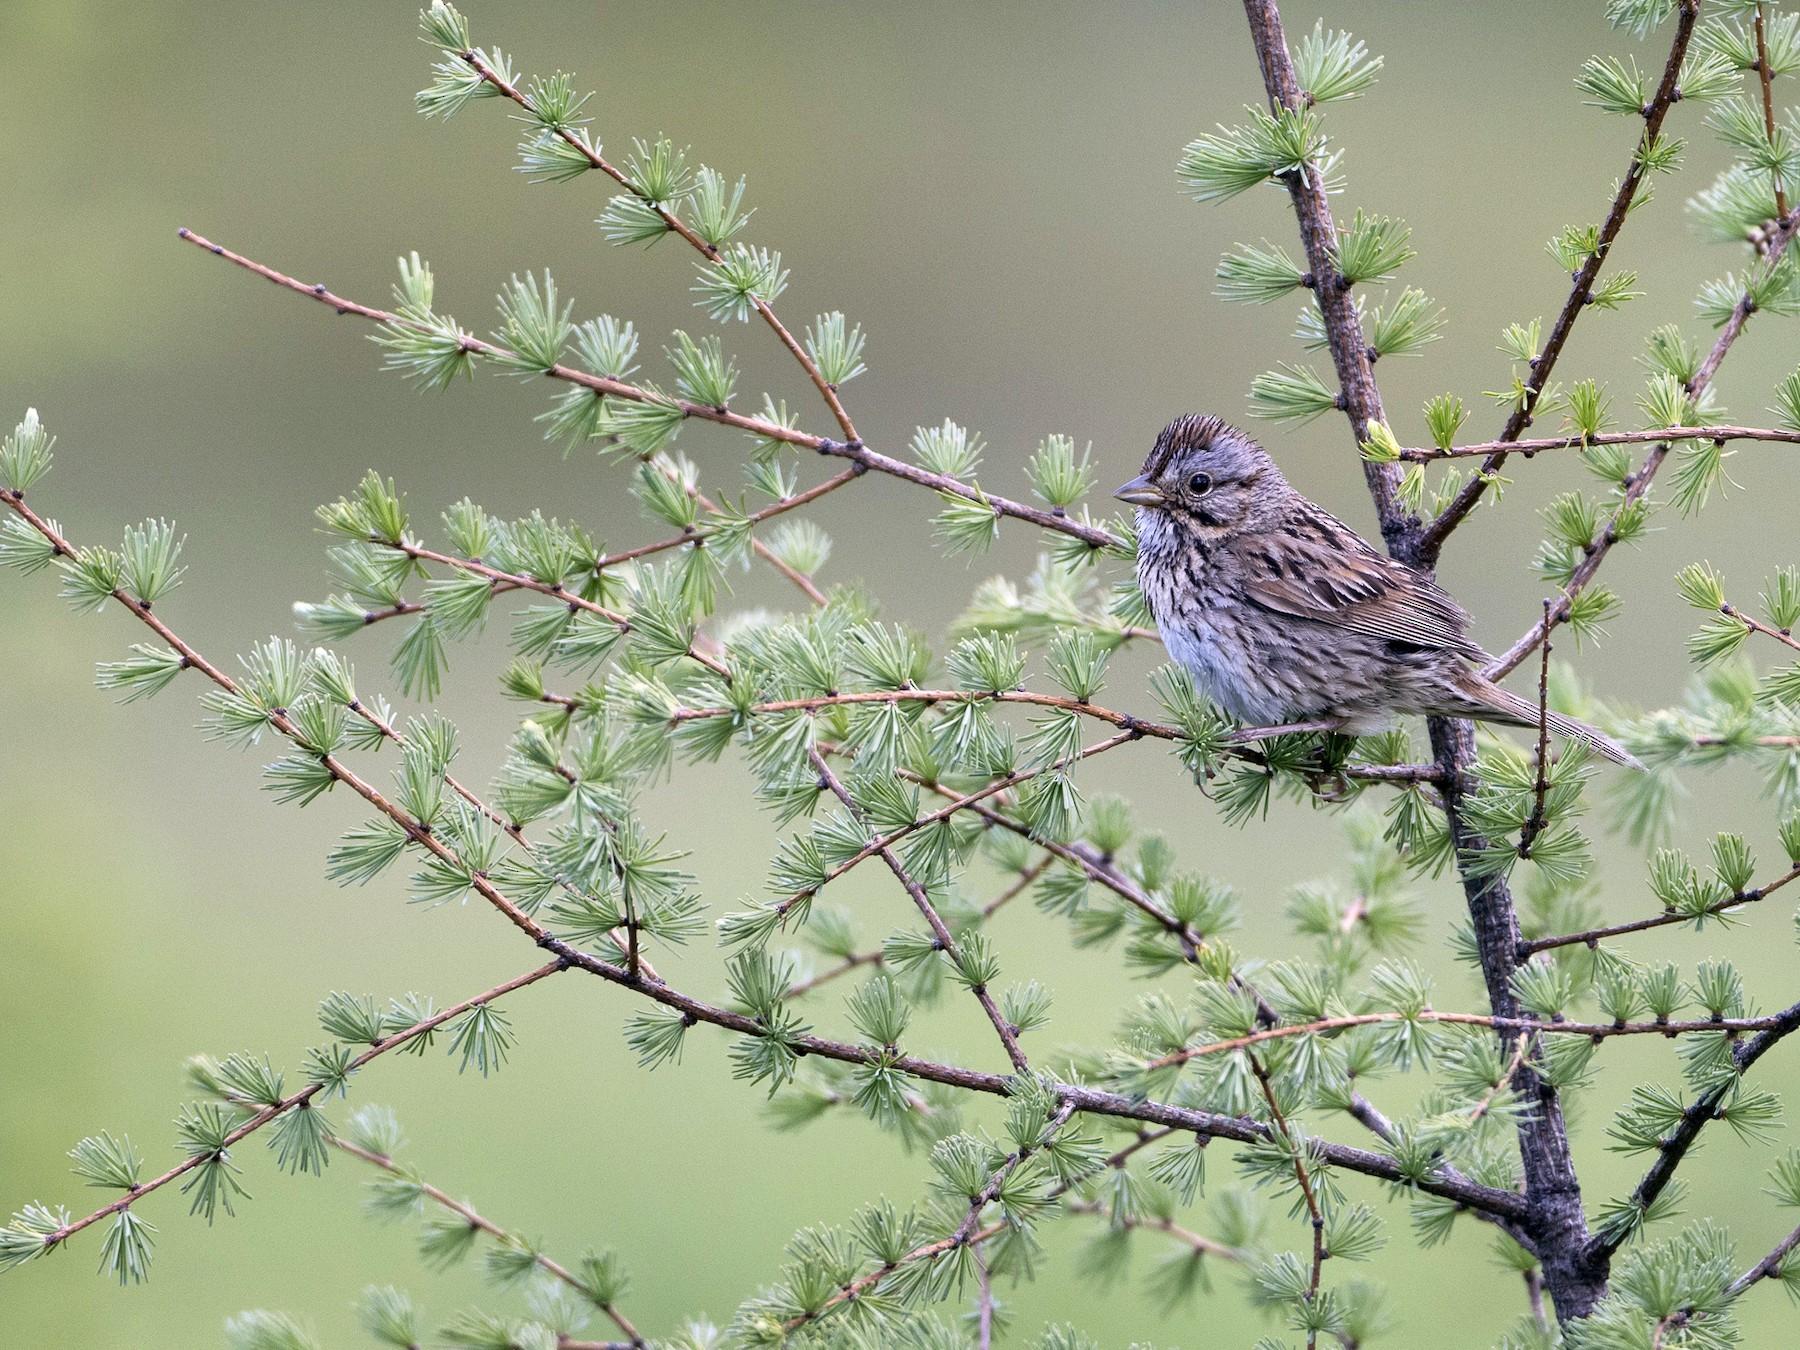 Lincoln's Sparrow - Brian Sullivan